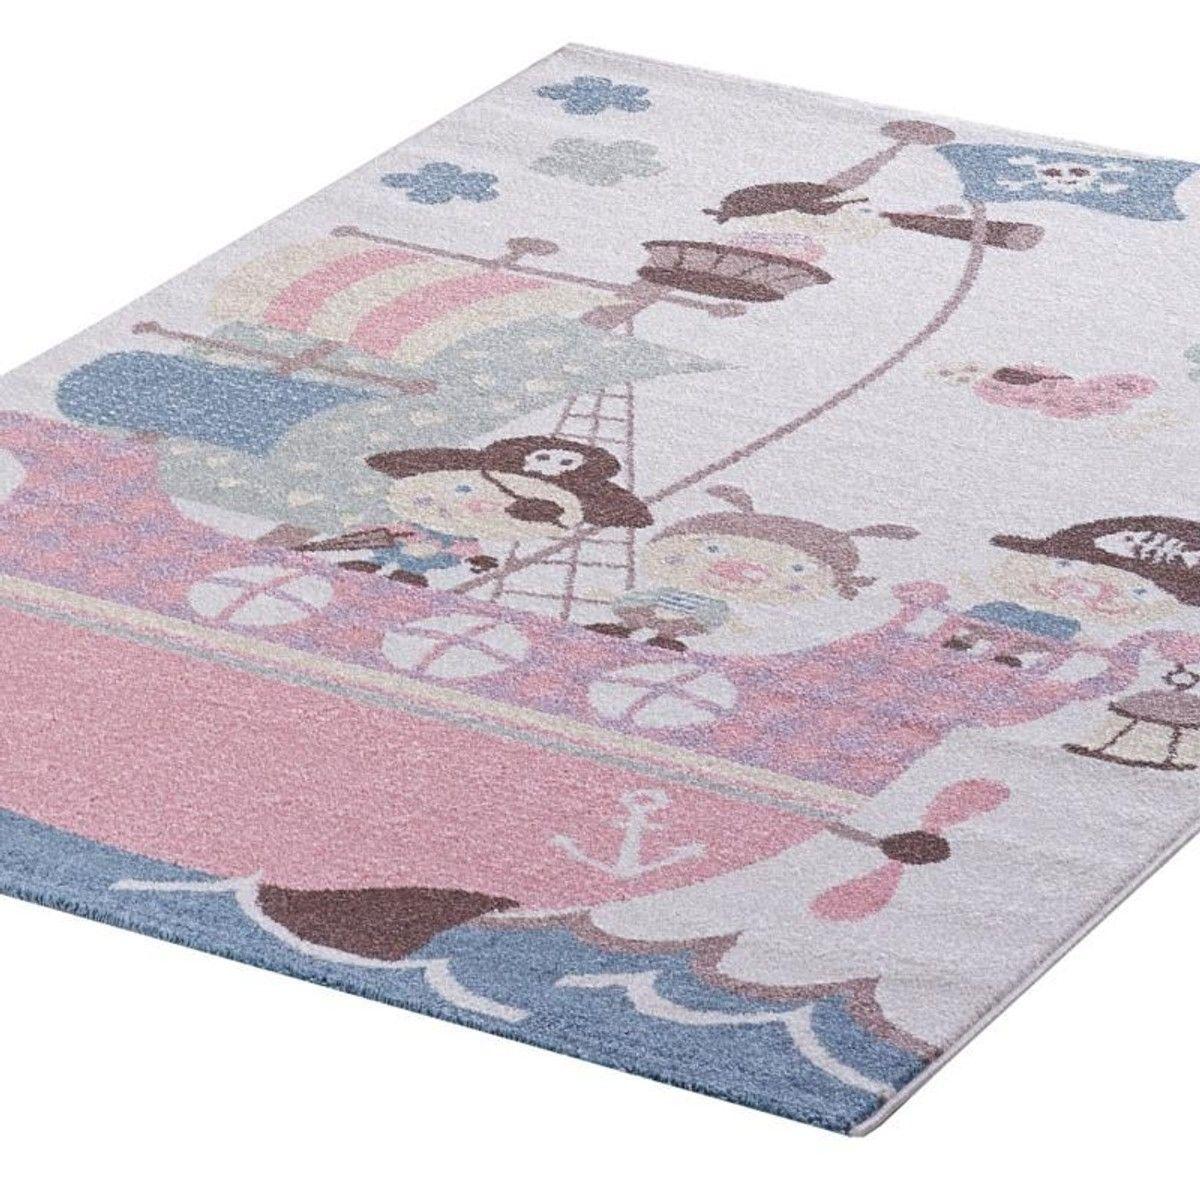 Tapis Enfant Bateau Pirate Pastel Taille 200x290 Cm 080x150 Cm 120x170 Cm 160x230 Cm Tapis Enfant Tapis Tapis De Jeux